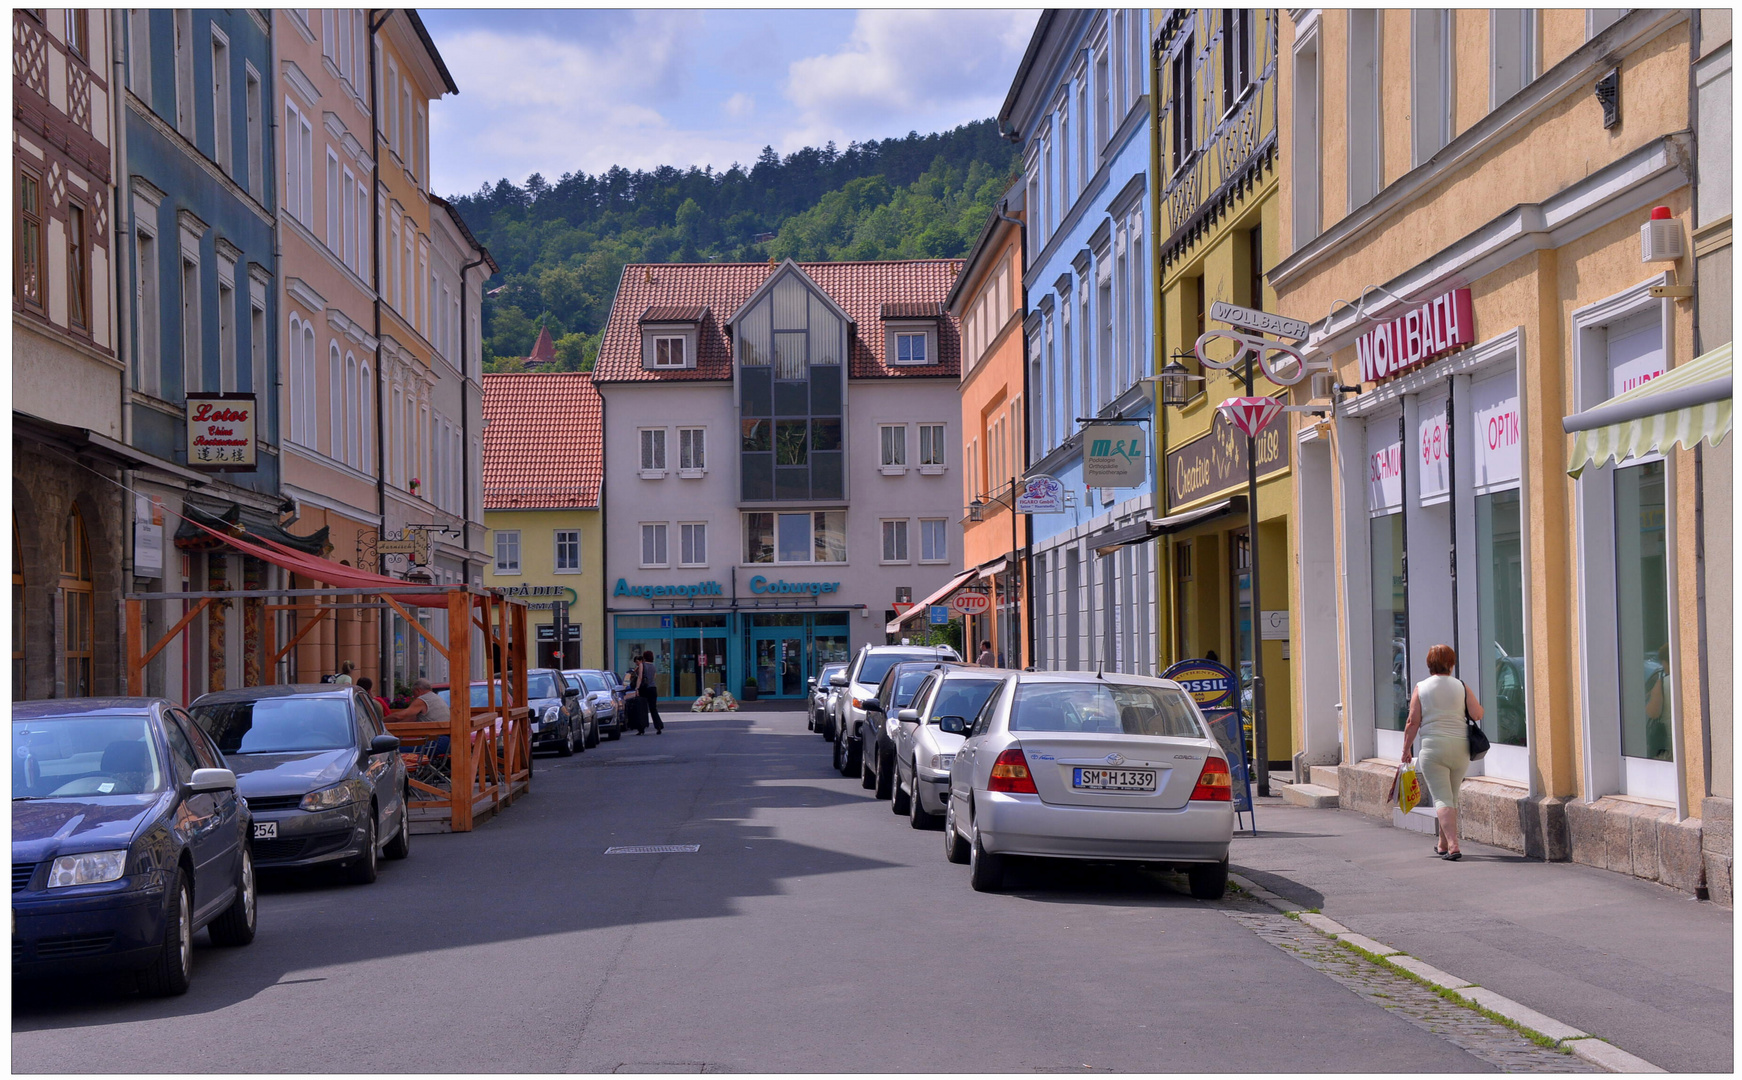 imagen de mi nueva cámara XIII - la calle preferida mía a causa de las casas bonitas